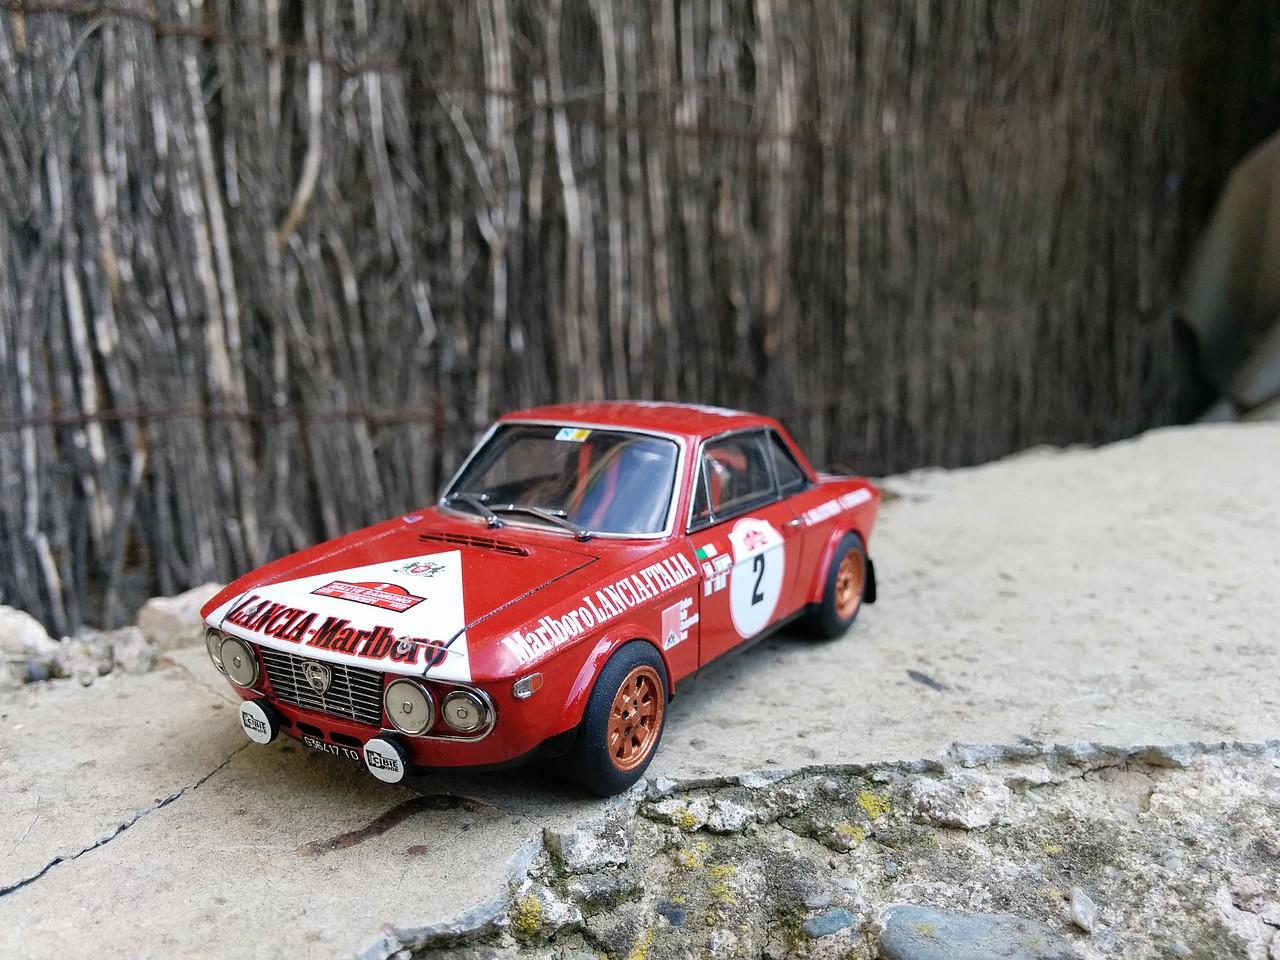 Lancia Fulvia San Remo 72. Racing 43 a escala 1/43 2F540002E13A537201BE36537201A8